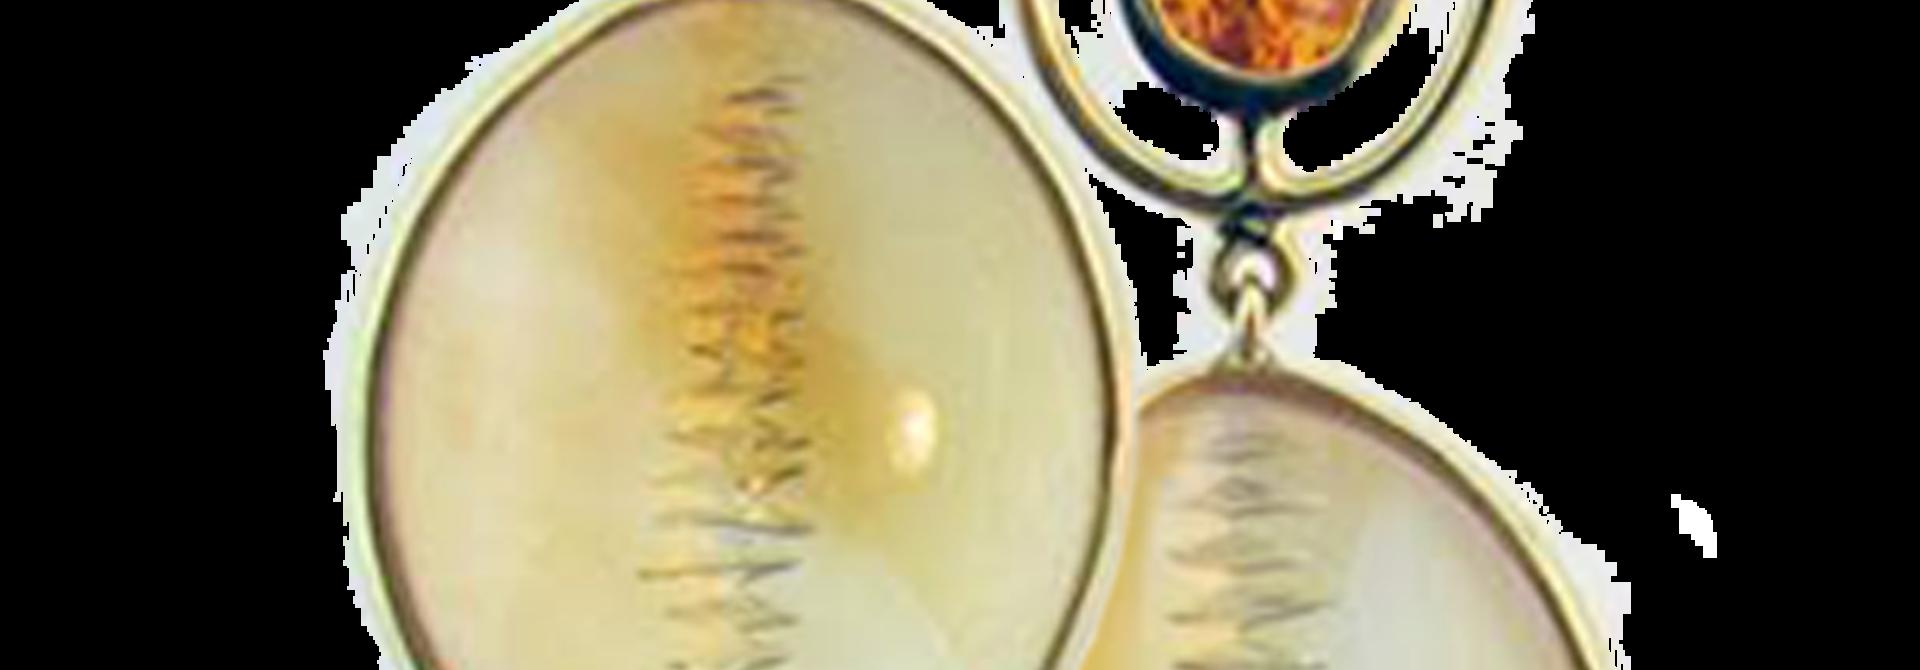 Mandarin Garnet and Citrine Earrings